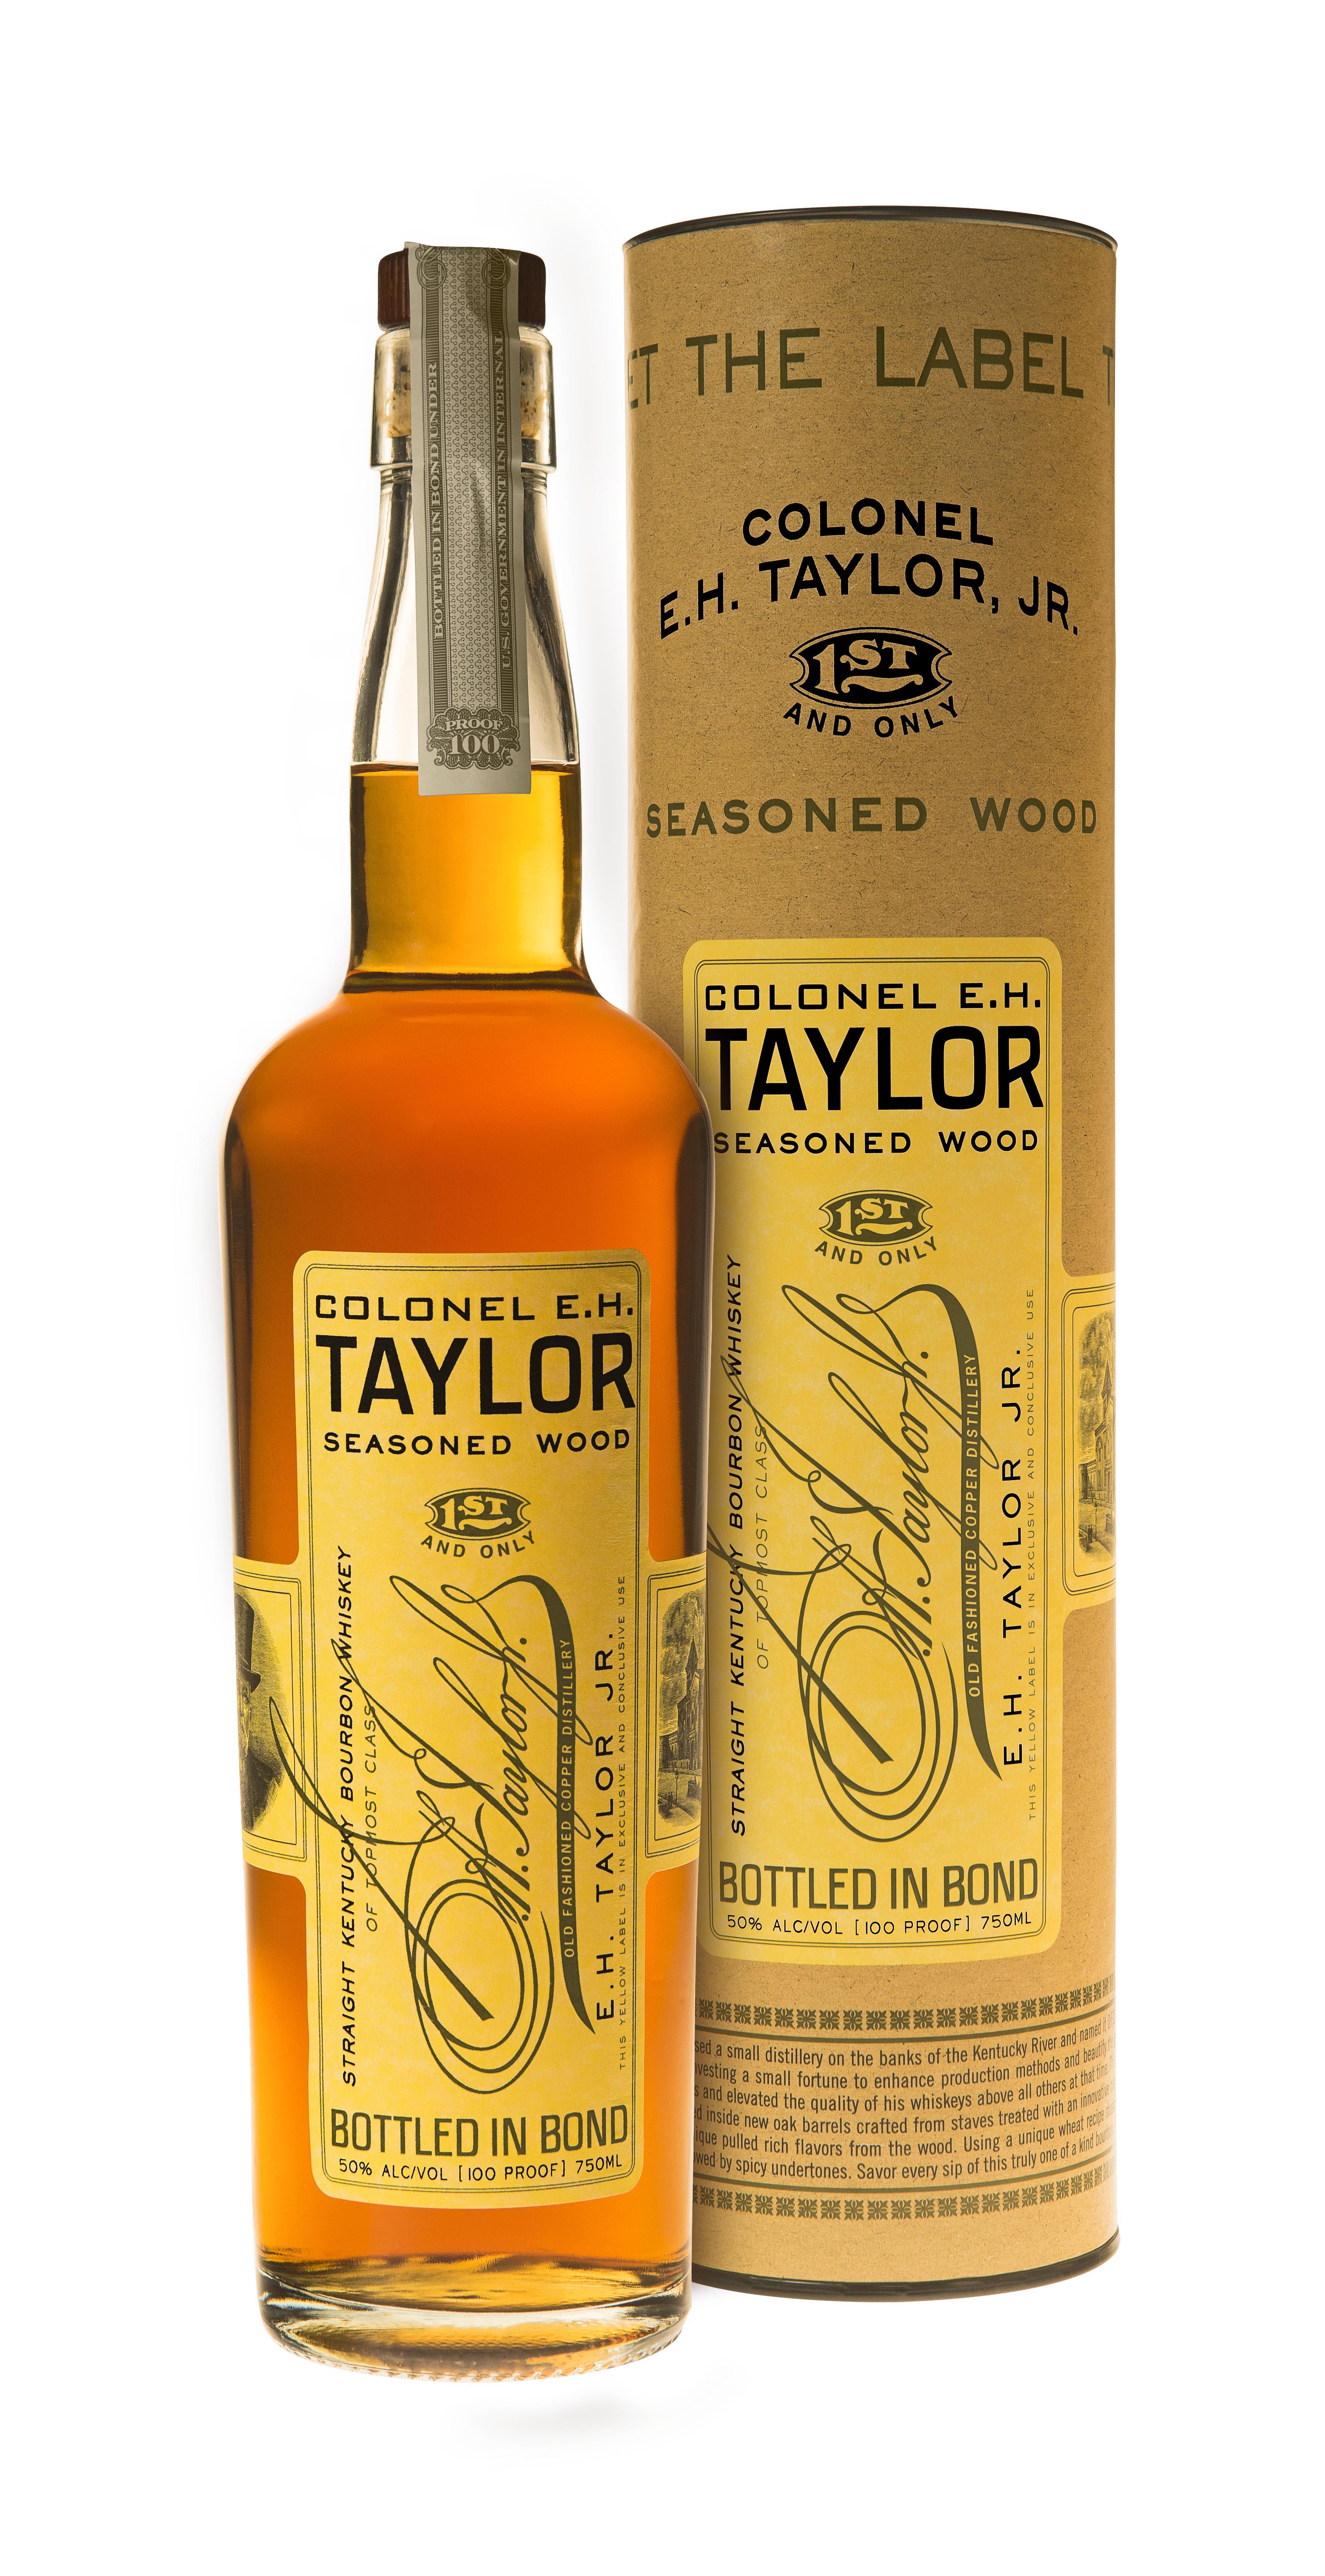 Col. E.H. Taylor Seasoned Wood Bourbon